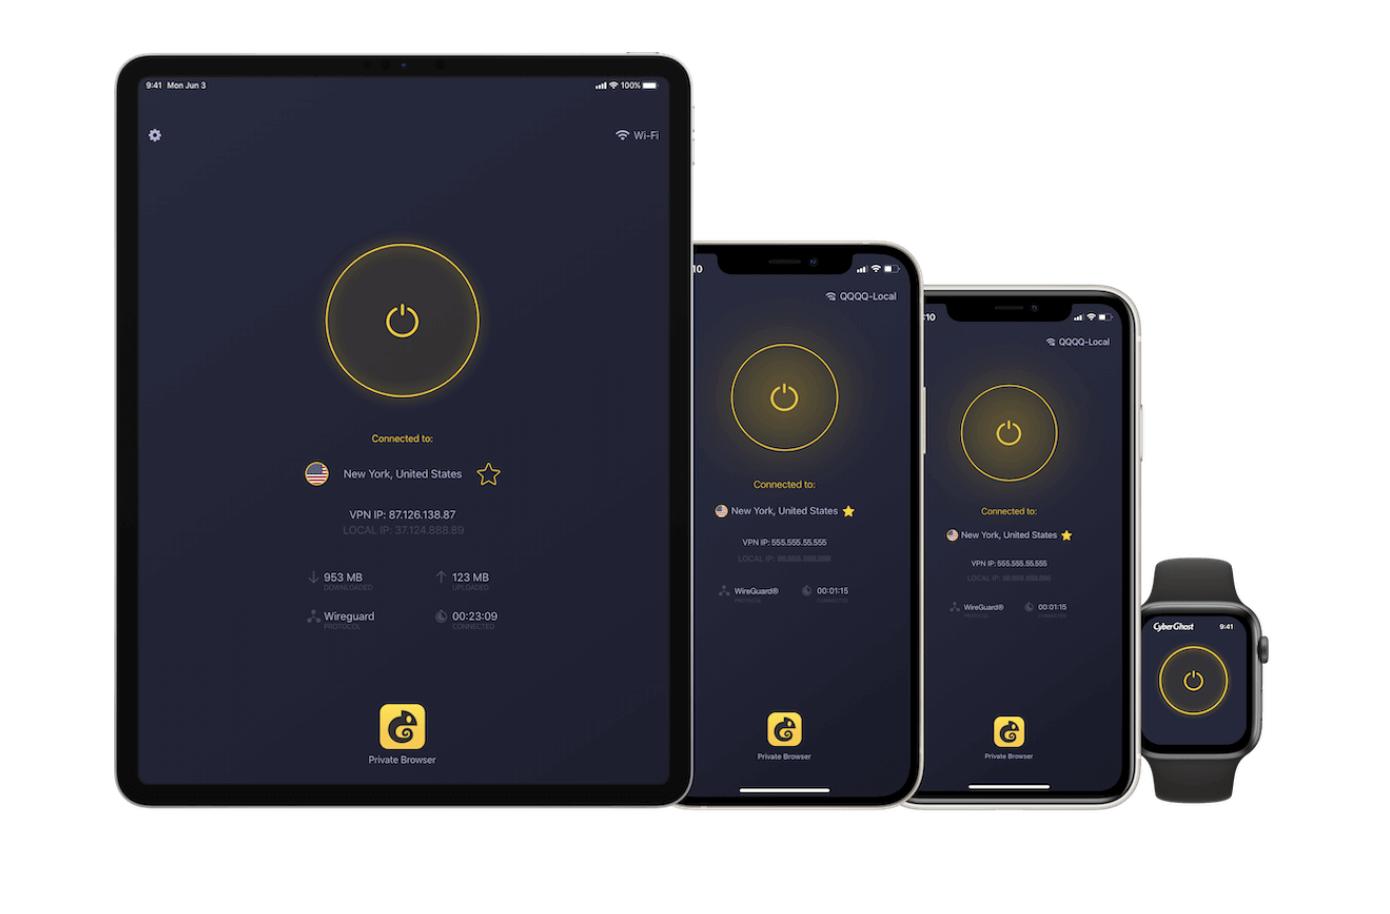 Cyberghost app screenshots